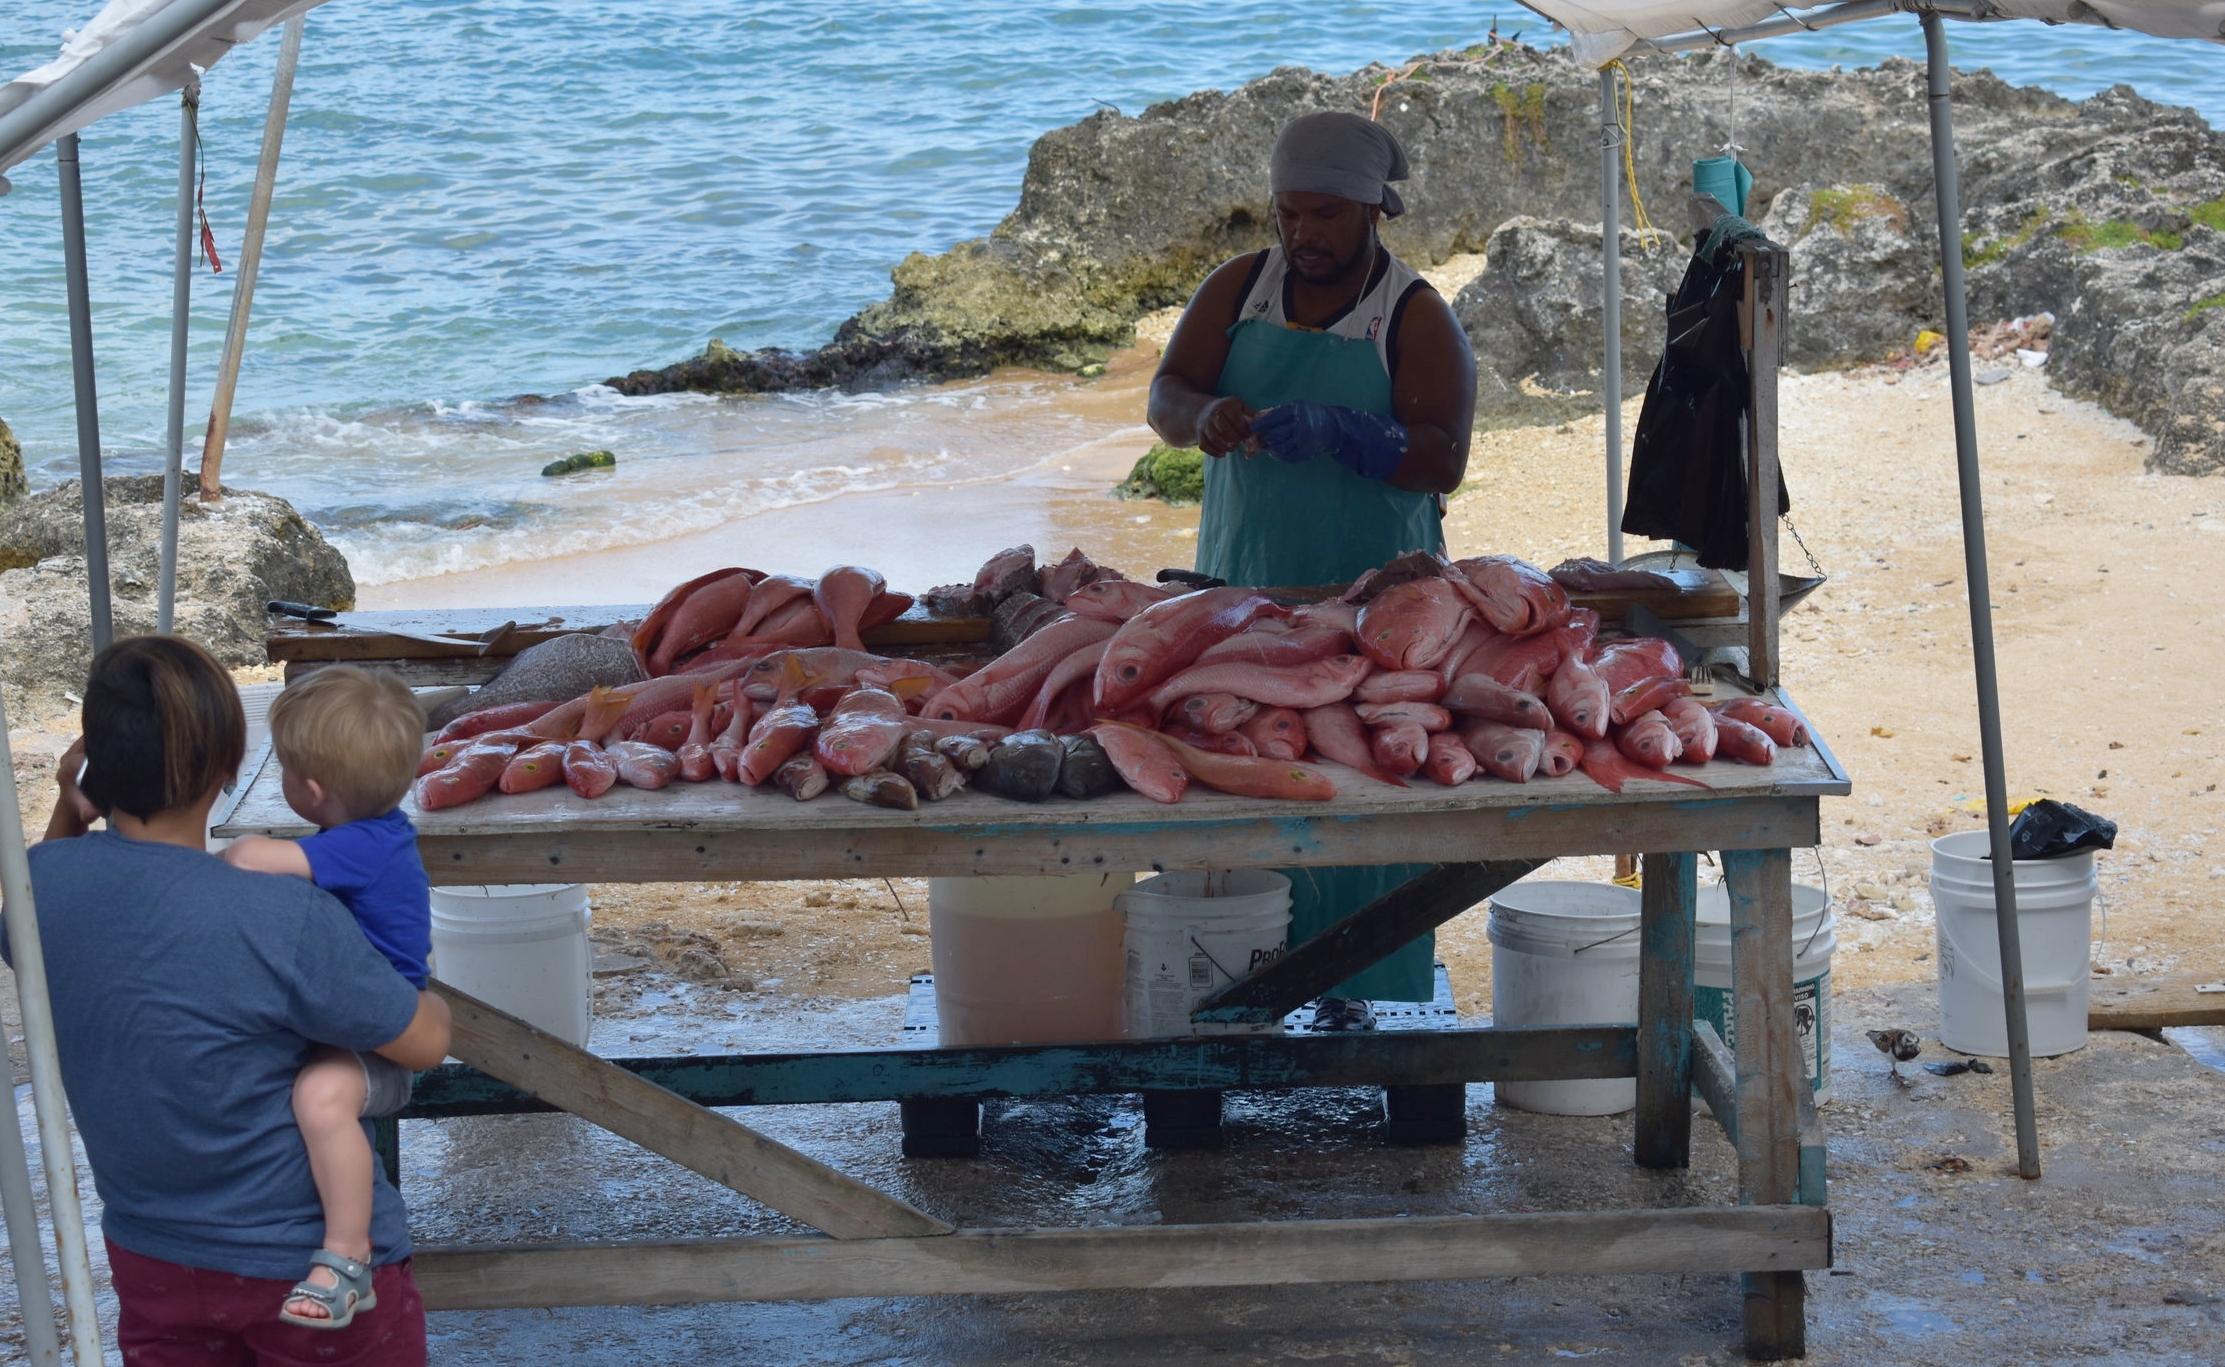 Mercado de peixe perto do Porto, eles ainda estavam tirando os peixes do barquinho